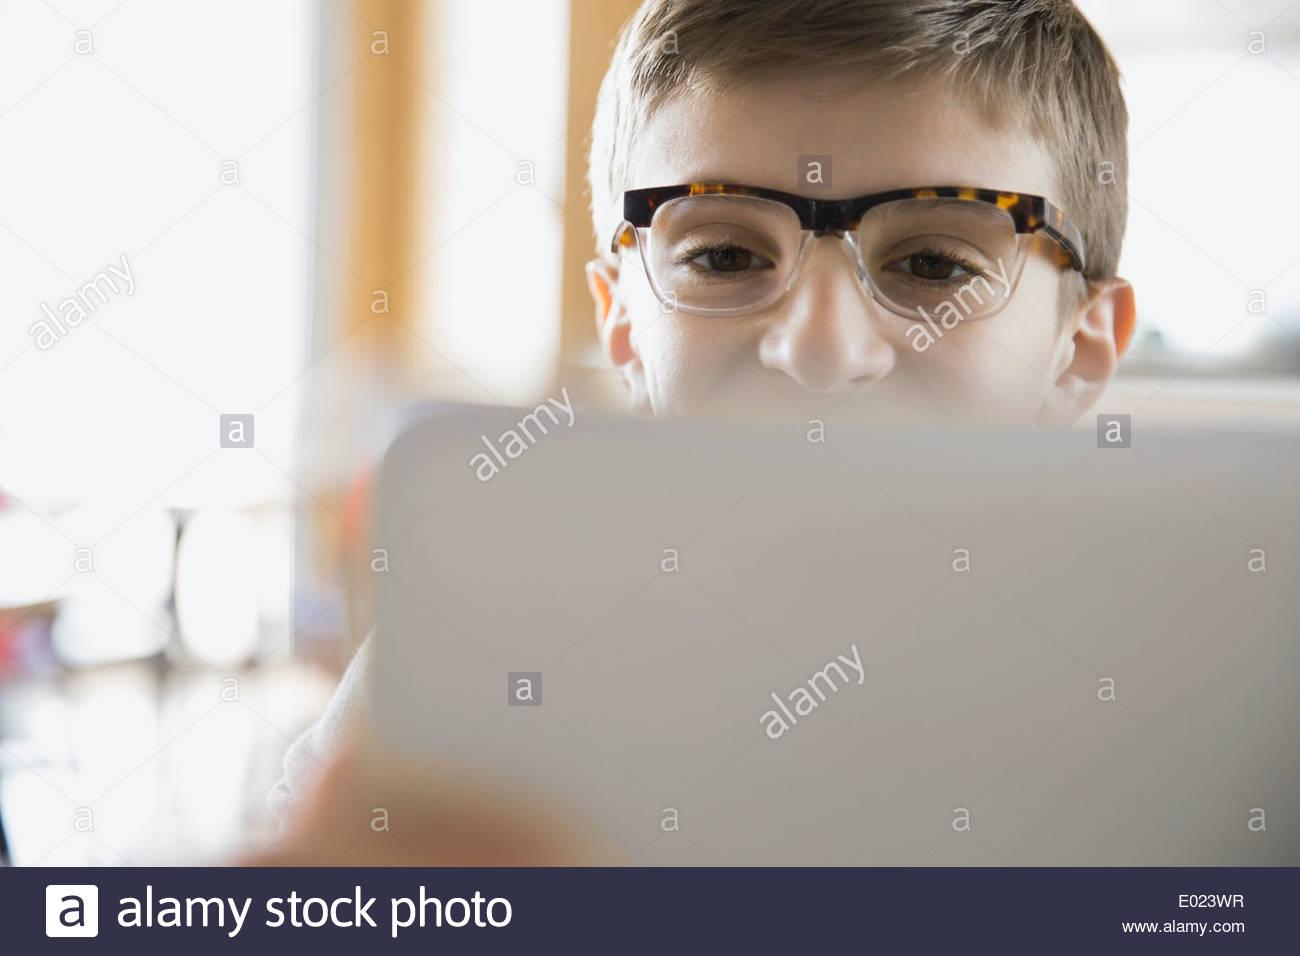 Cerca de la escuela boy utilizando el portátil en el aula Imagen De Stock